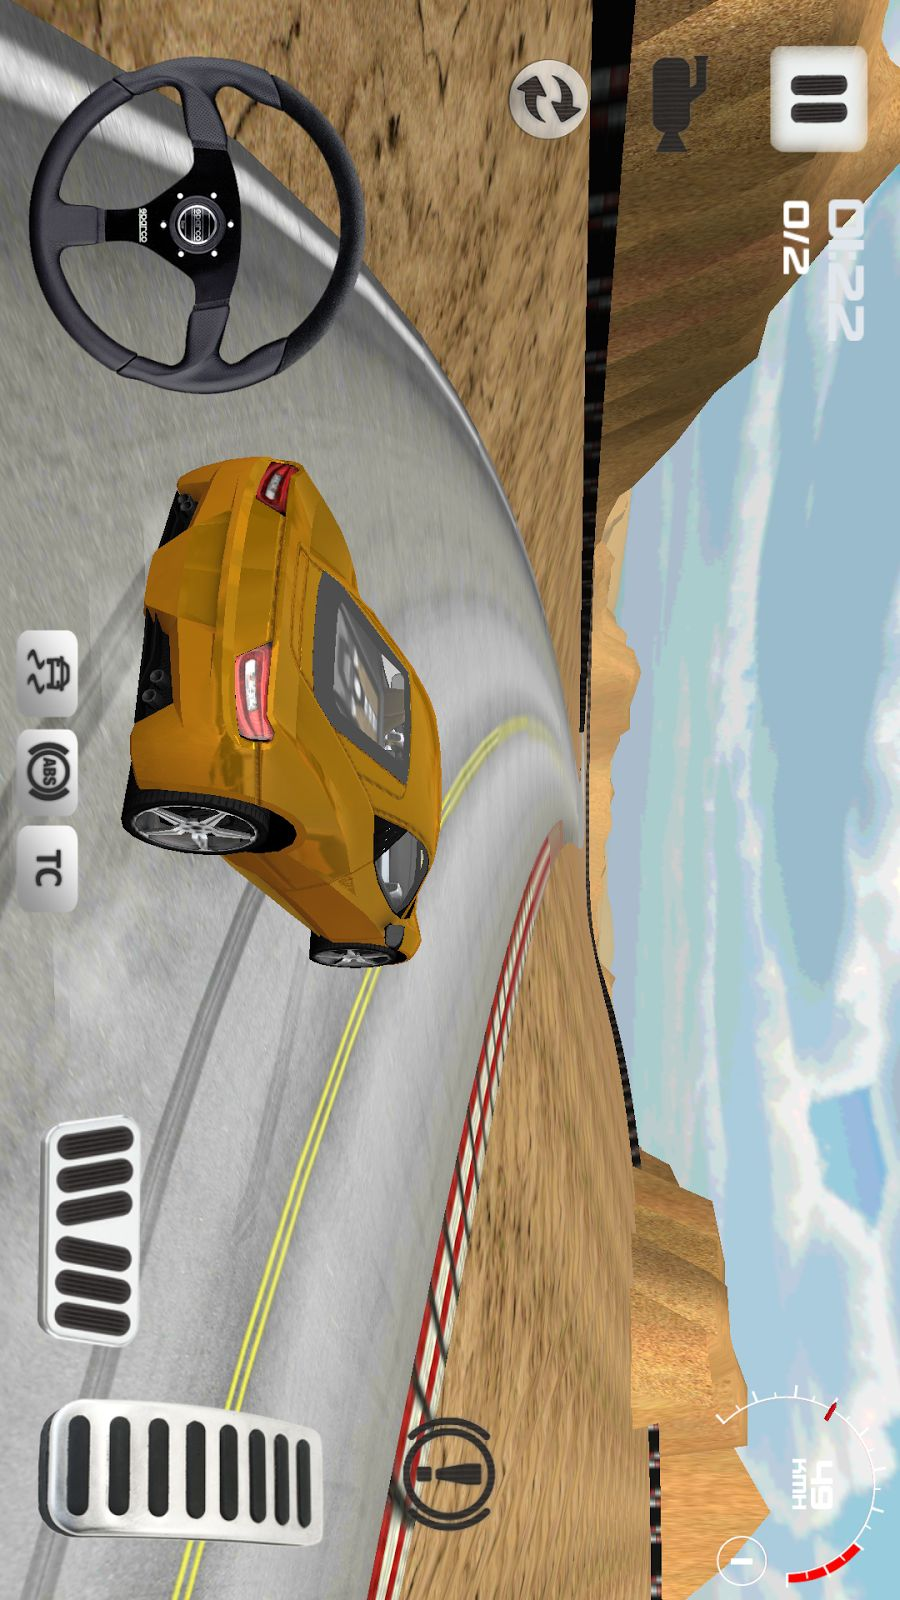 急速狂飙跑车-应用截图